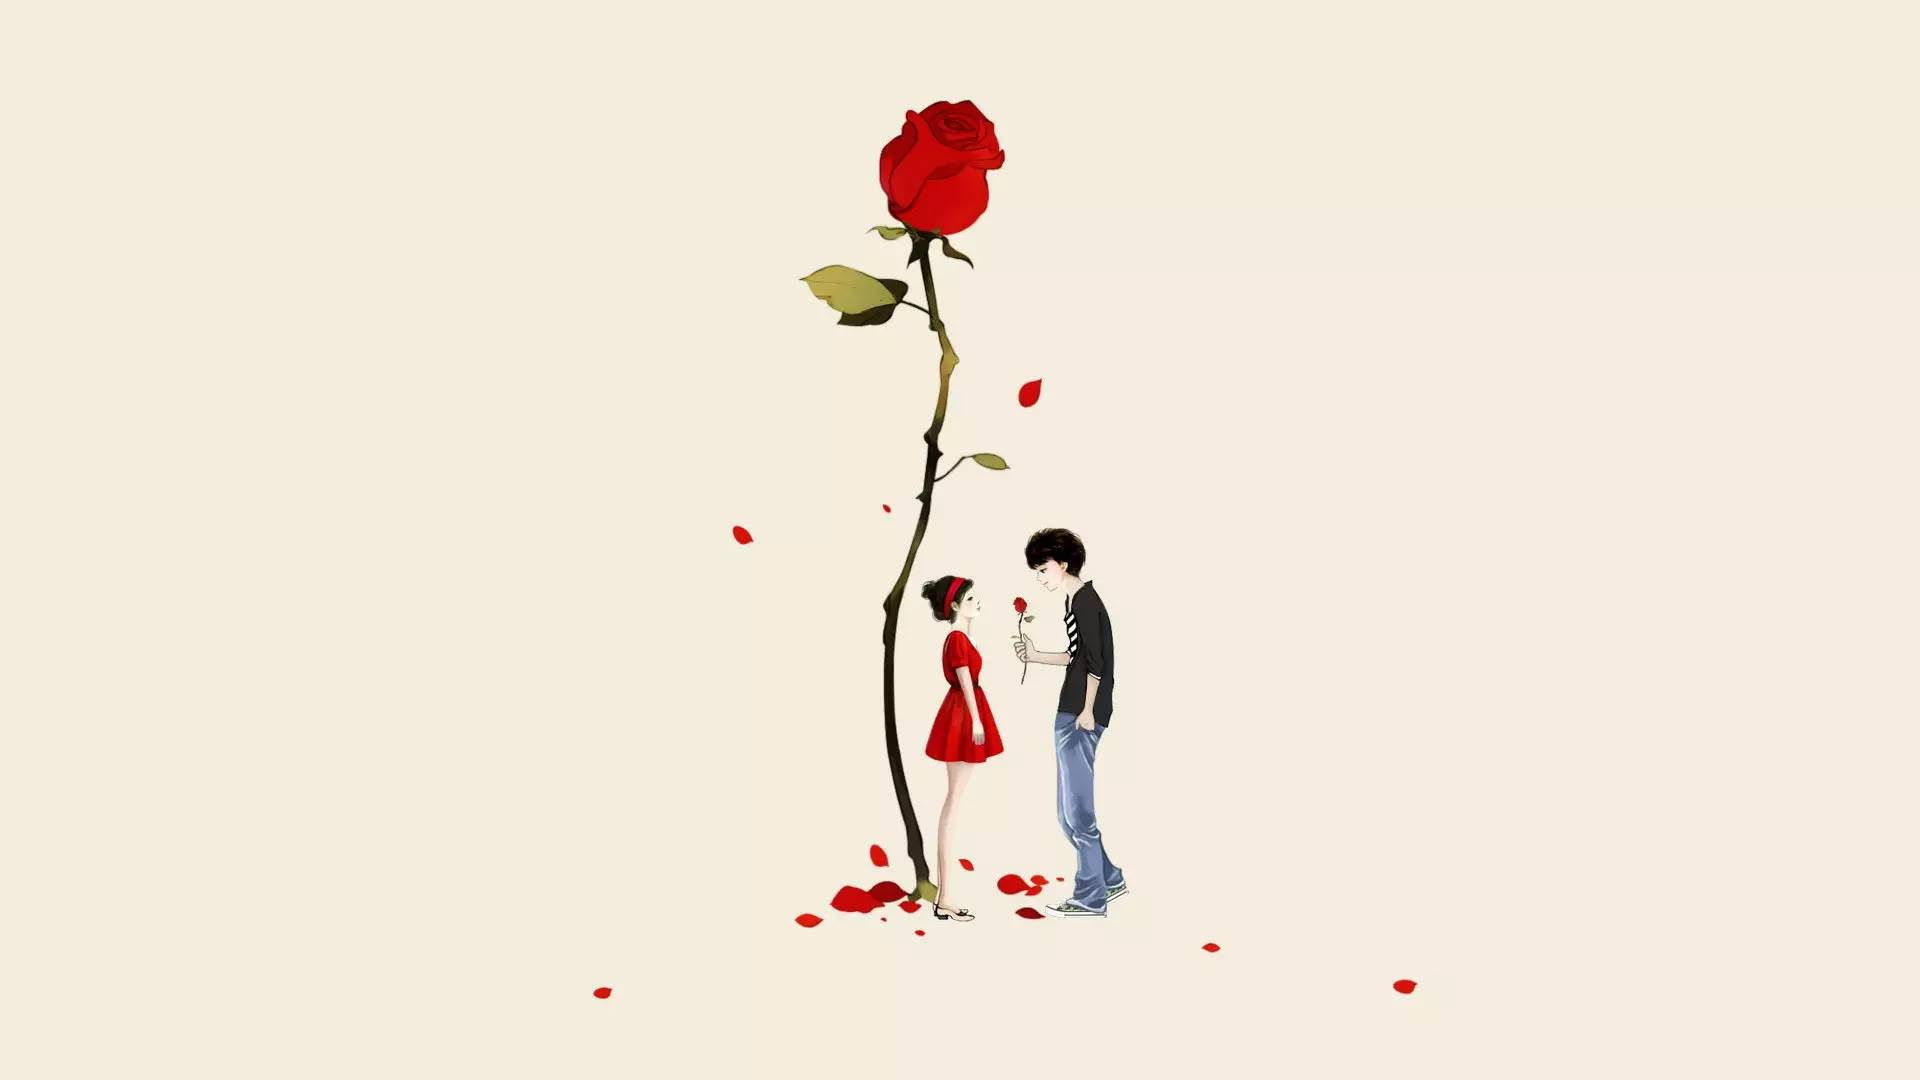 甜言蜜语的情话,浪漫又温馨,哪些让你心动了?